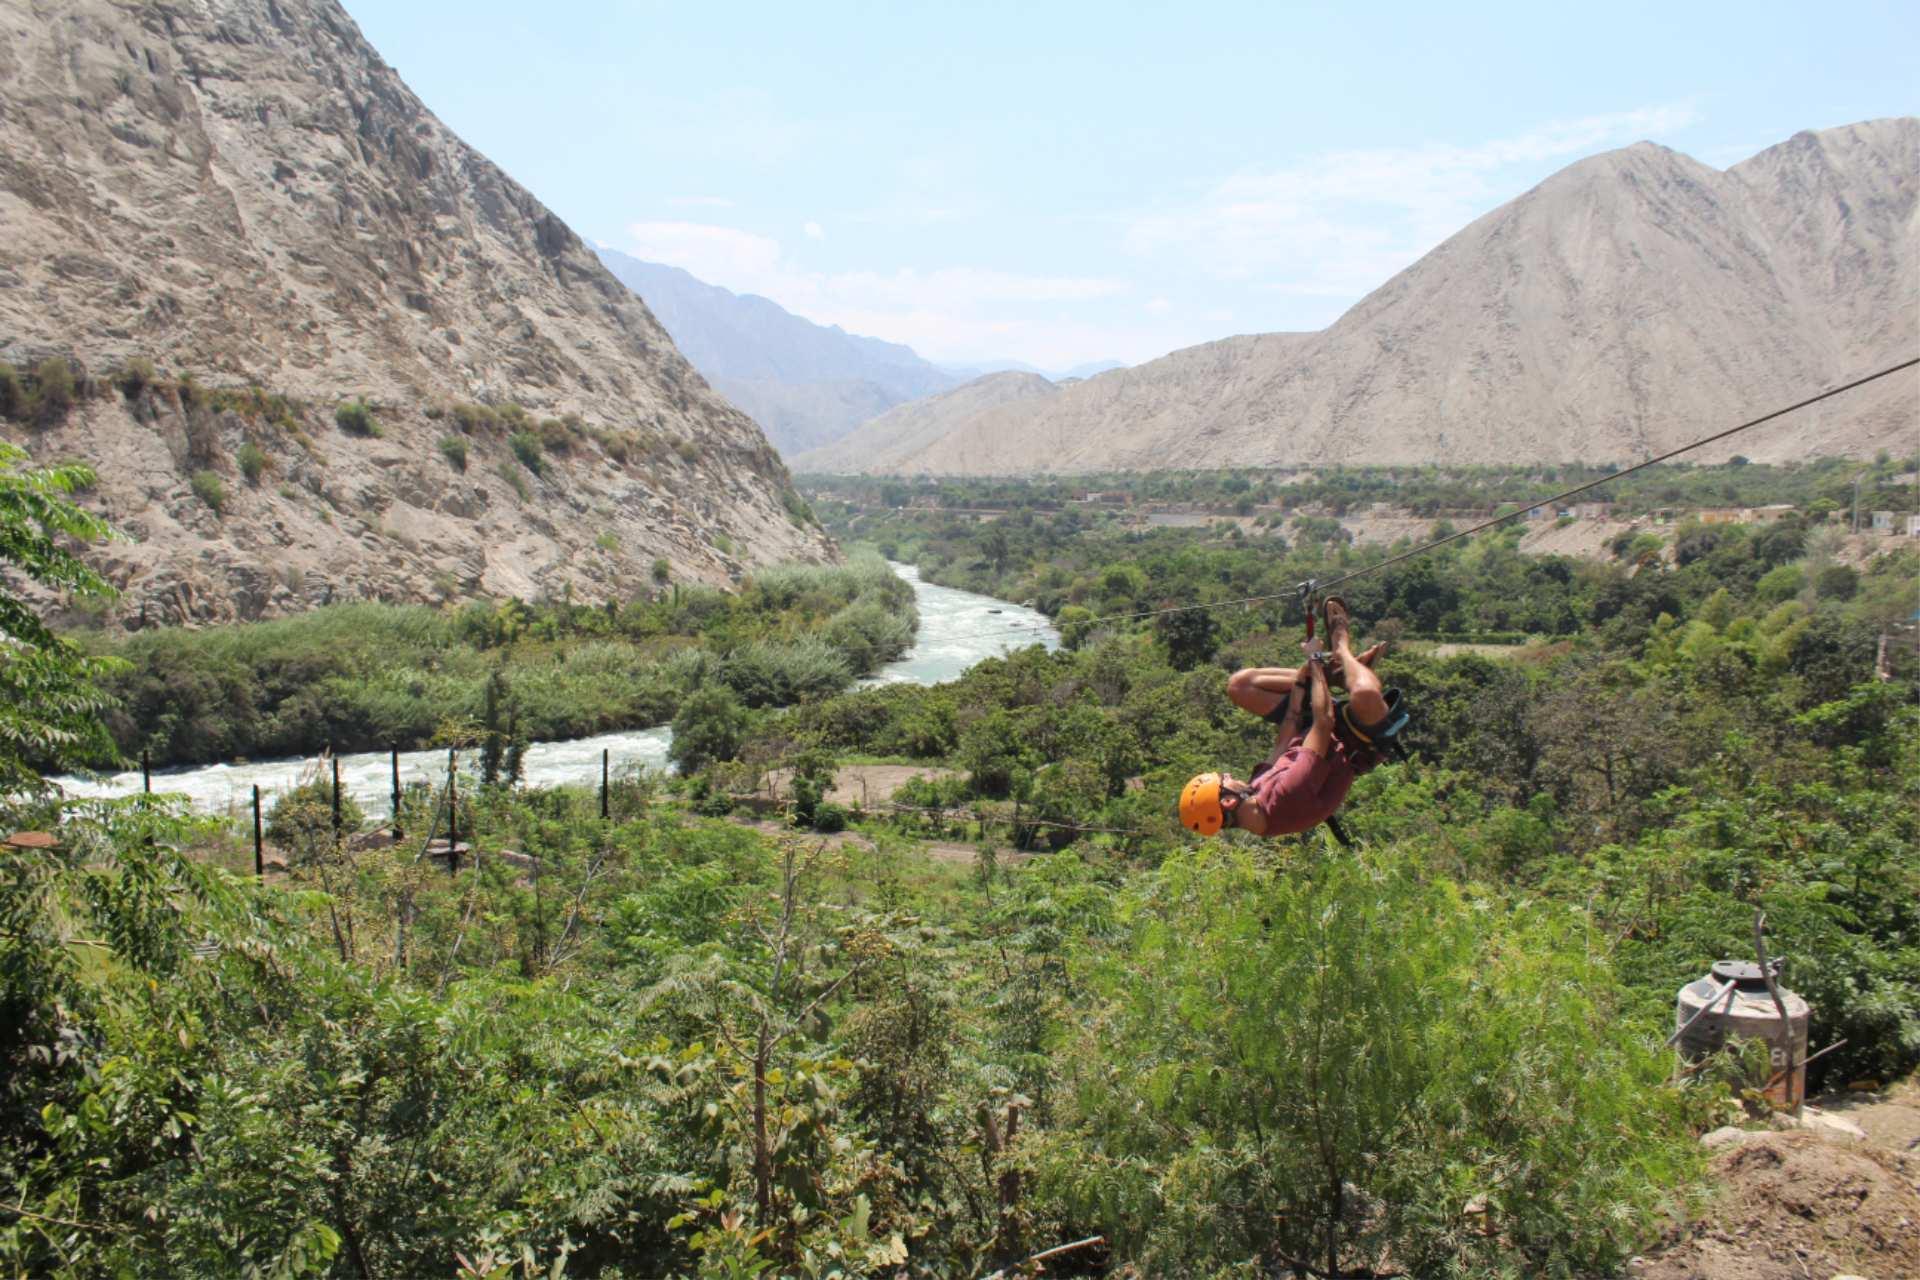 http://infromtheoutpost.com ziplining in Lunahuaná, Peruttp://infromtheoutpost.com